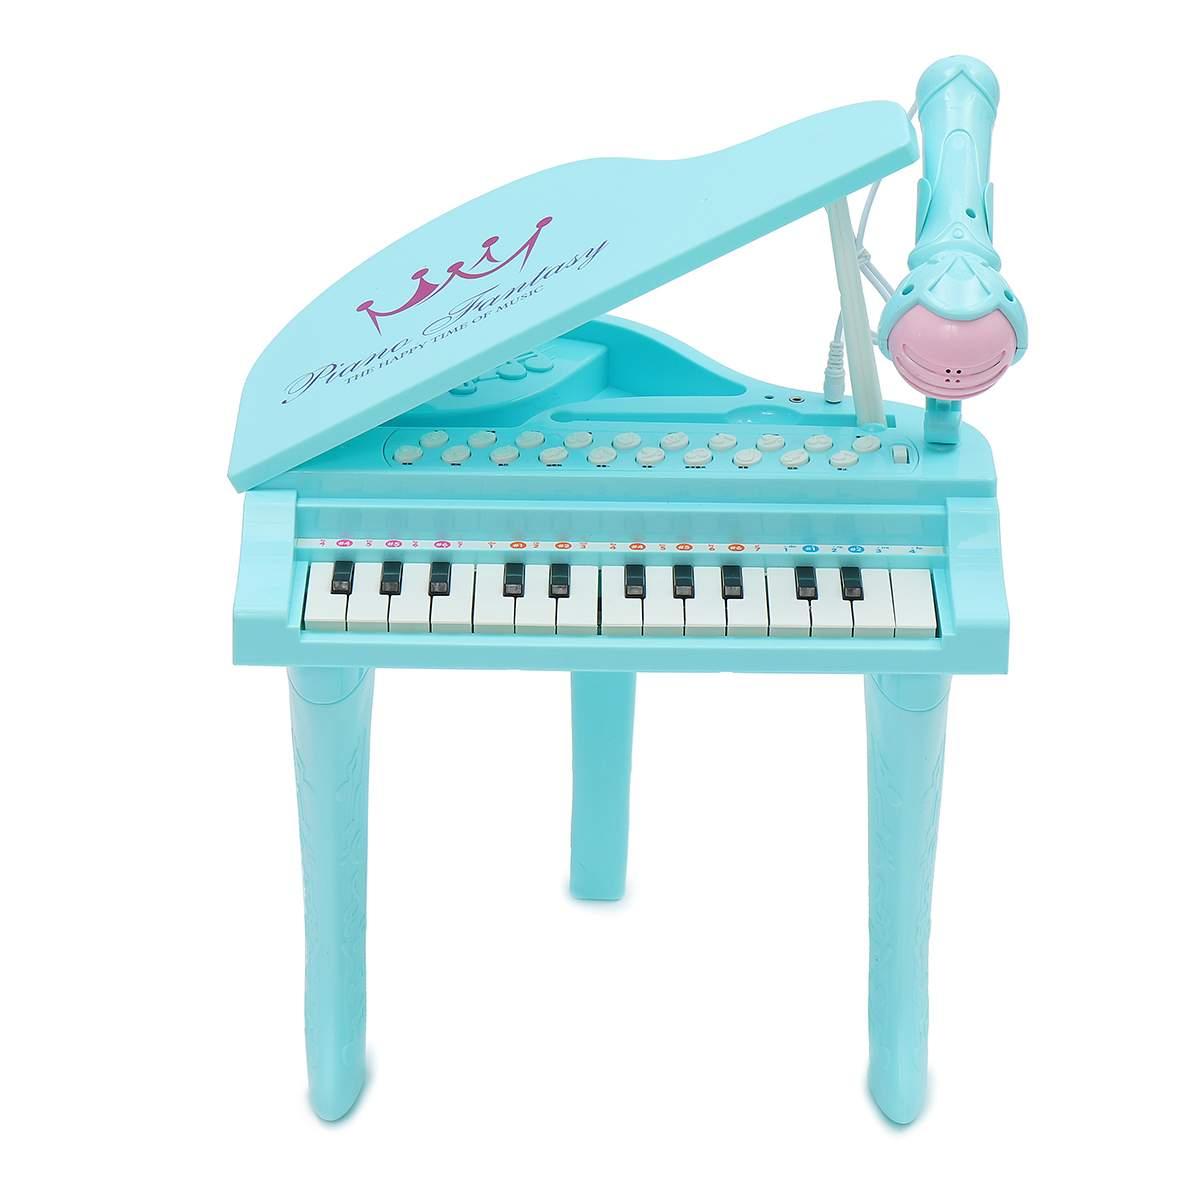 ABS plastique 25 touches clavier jouet orgue électronique USB enfants Piano Microphone enfants cadeaux Instrument de musique jouant ensemble de jouets